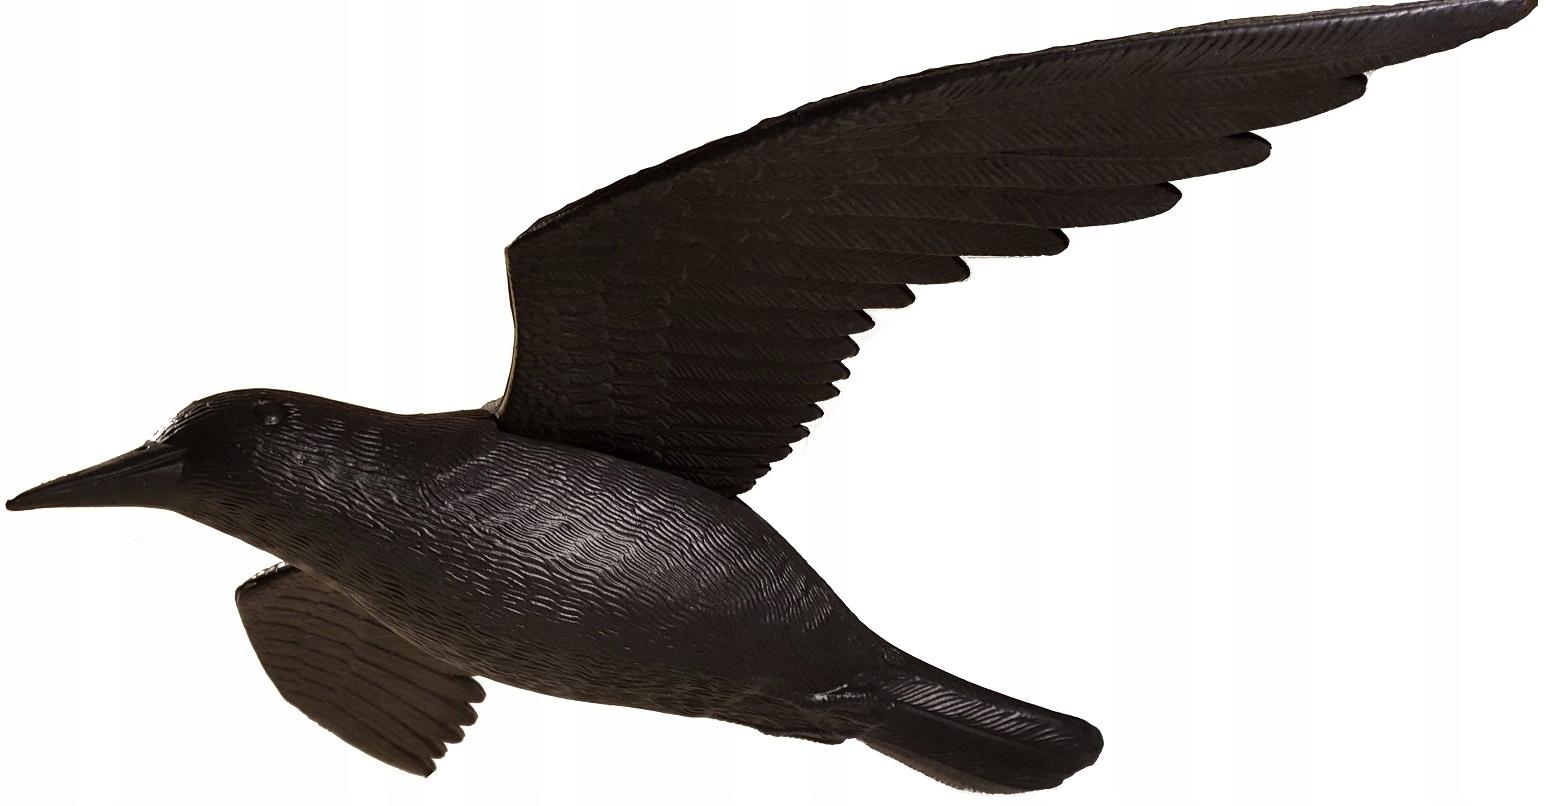 Duży kruk w locie odstraszacz ptaków gryzoni 60cm